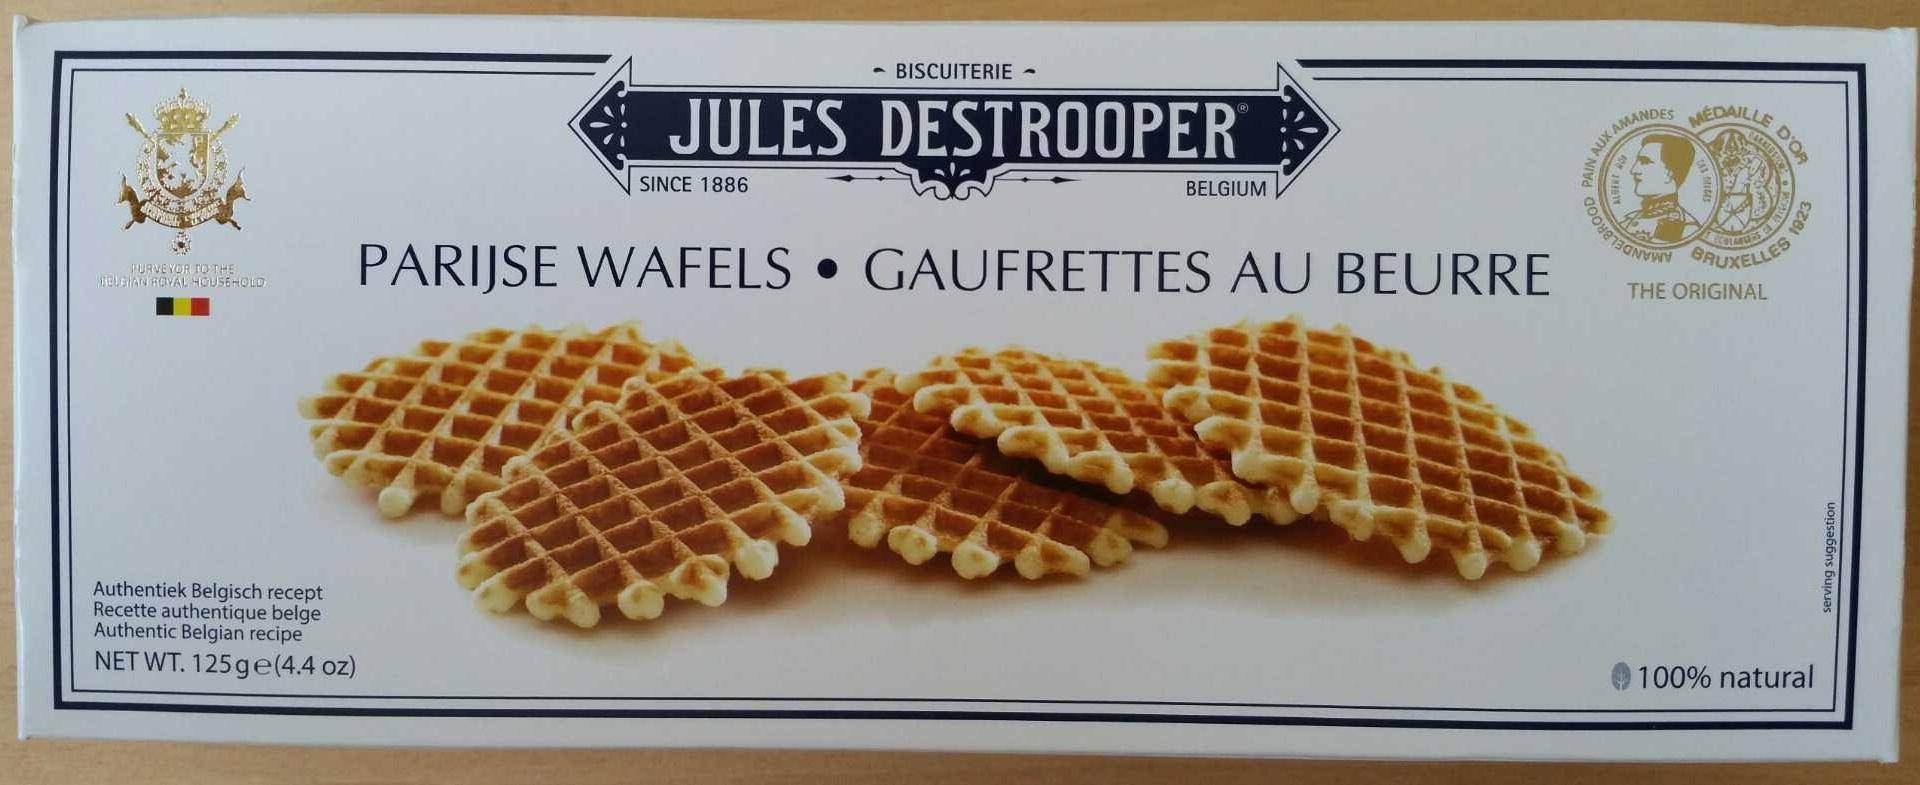 Gaufrettes au beurre - Produit - fr